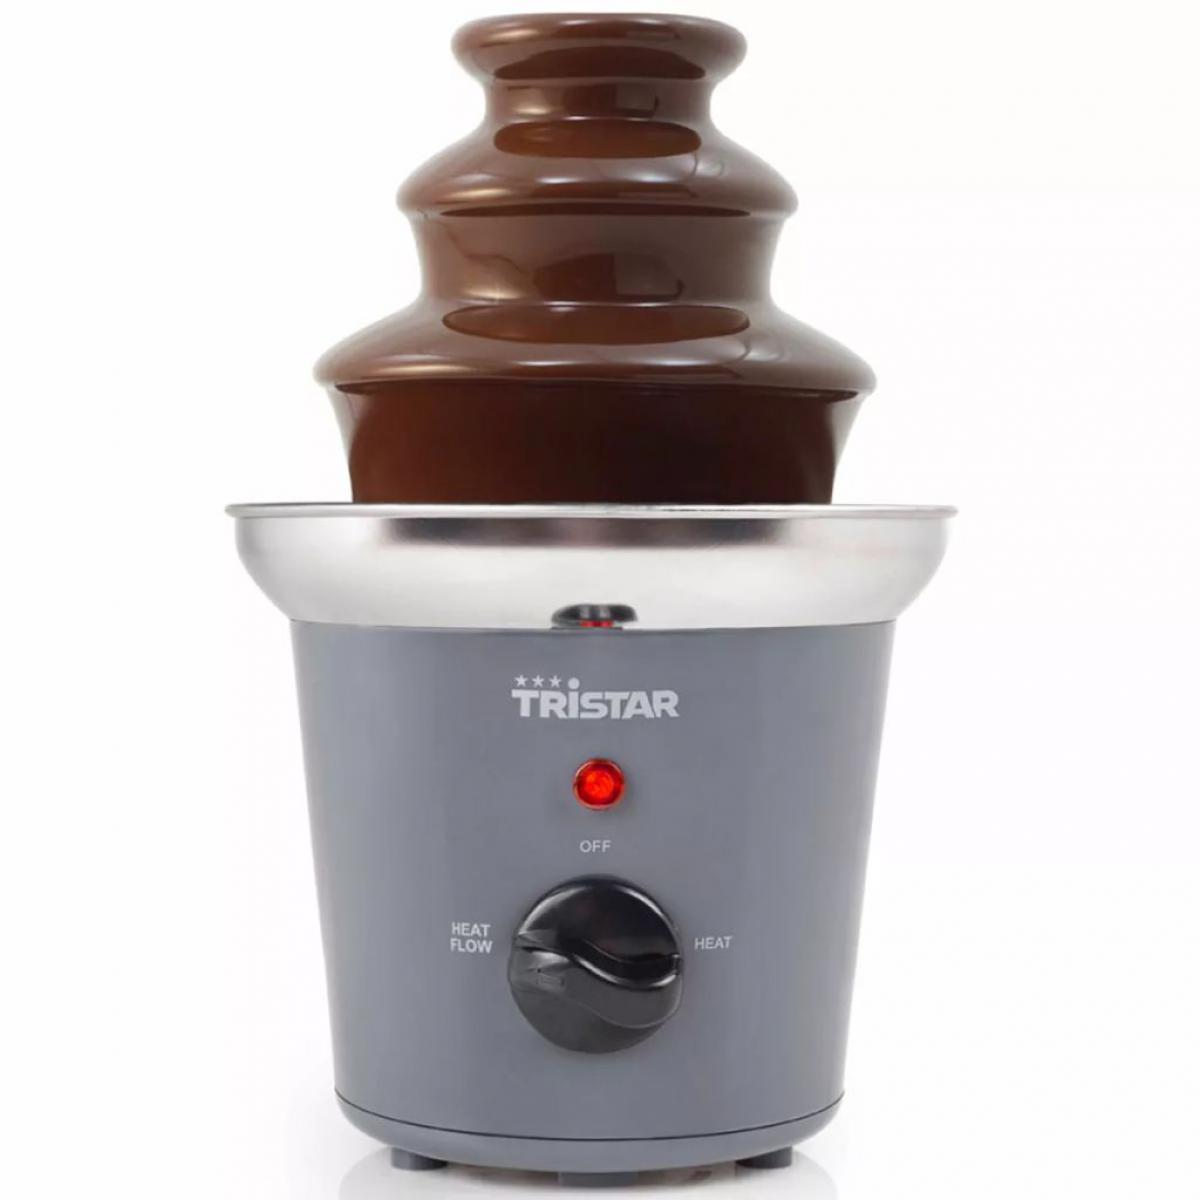 Tristar Tristar Chocolate Fontaine à chocolat CF-1603 32 W